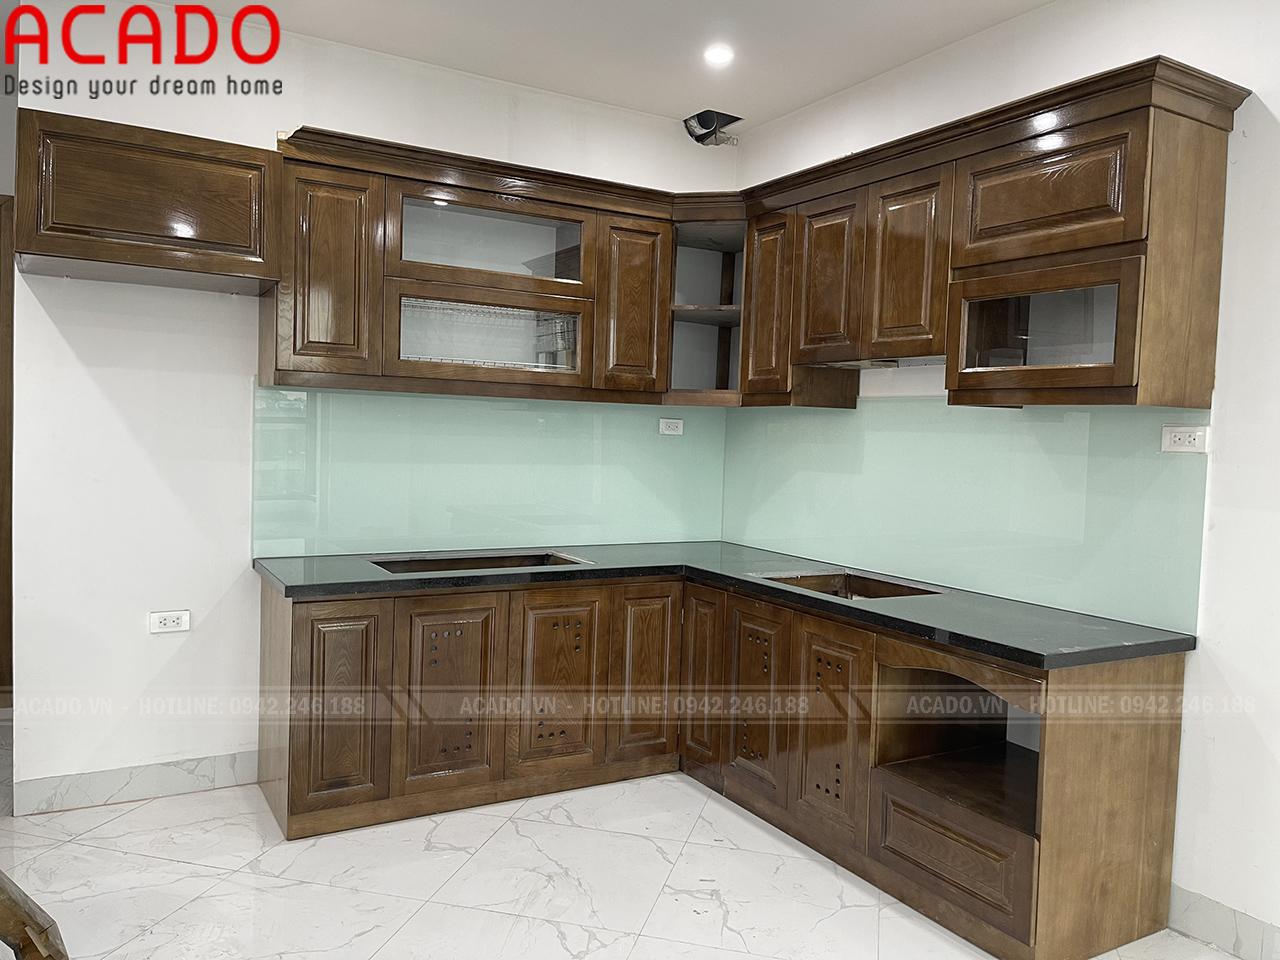 Tủ bếp gỗ sồi Nga chữ L kết hợp cục tủ lạnh - Làm tủ bếp tại Hai Bà Trưng